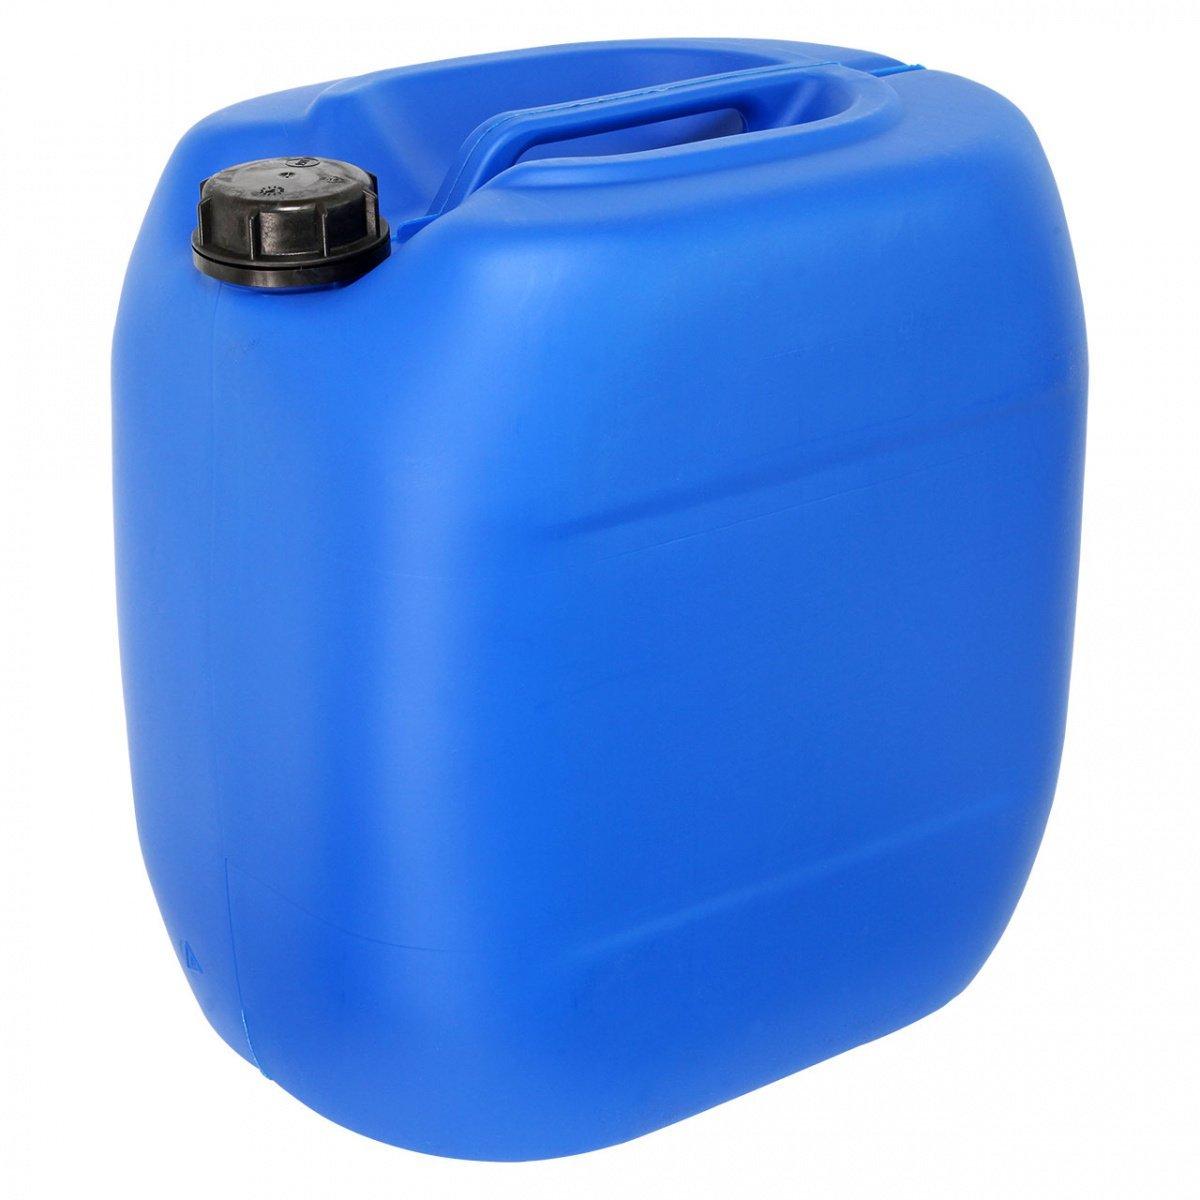 Kanister mit Schraubverschluss Volumen 30 Liter, Farbe Blau REKUBIK